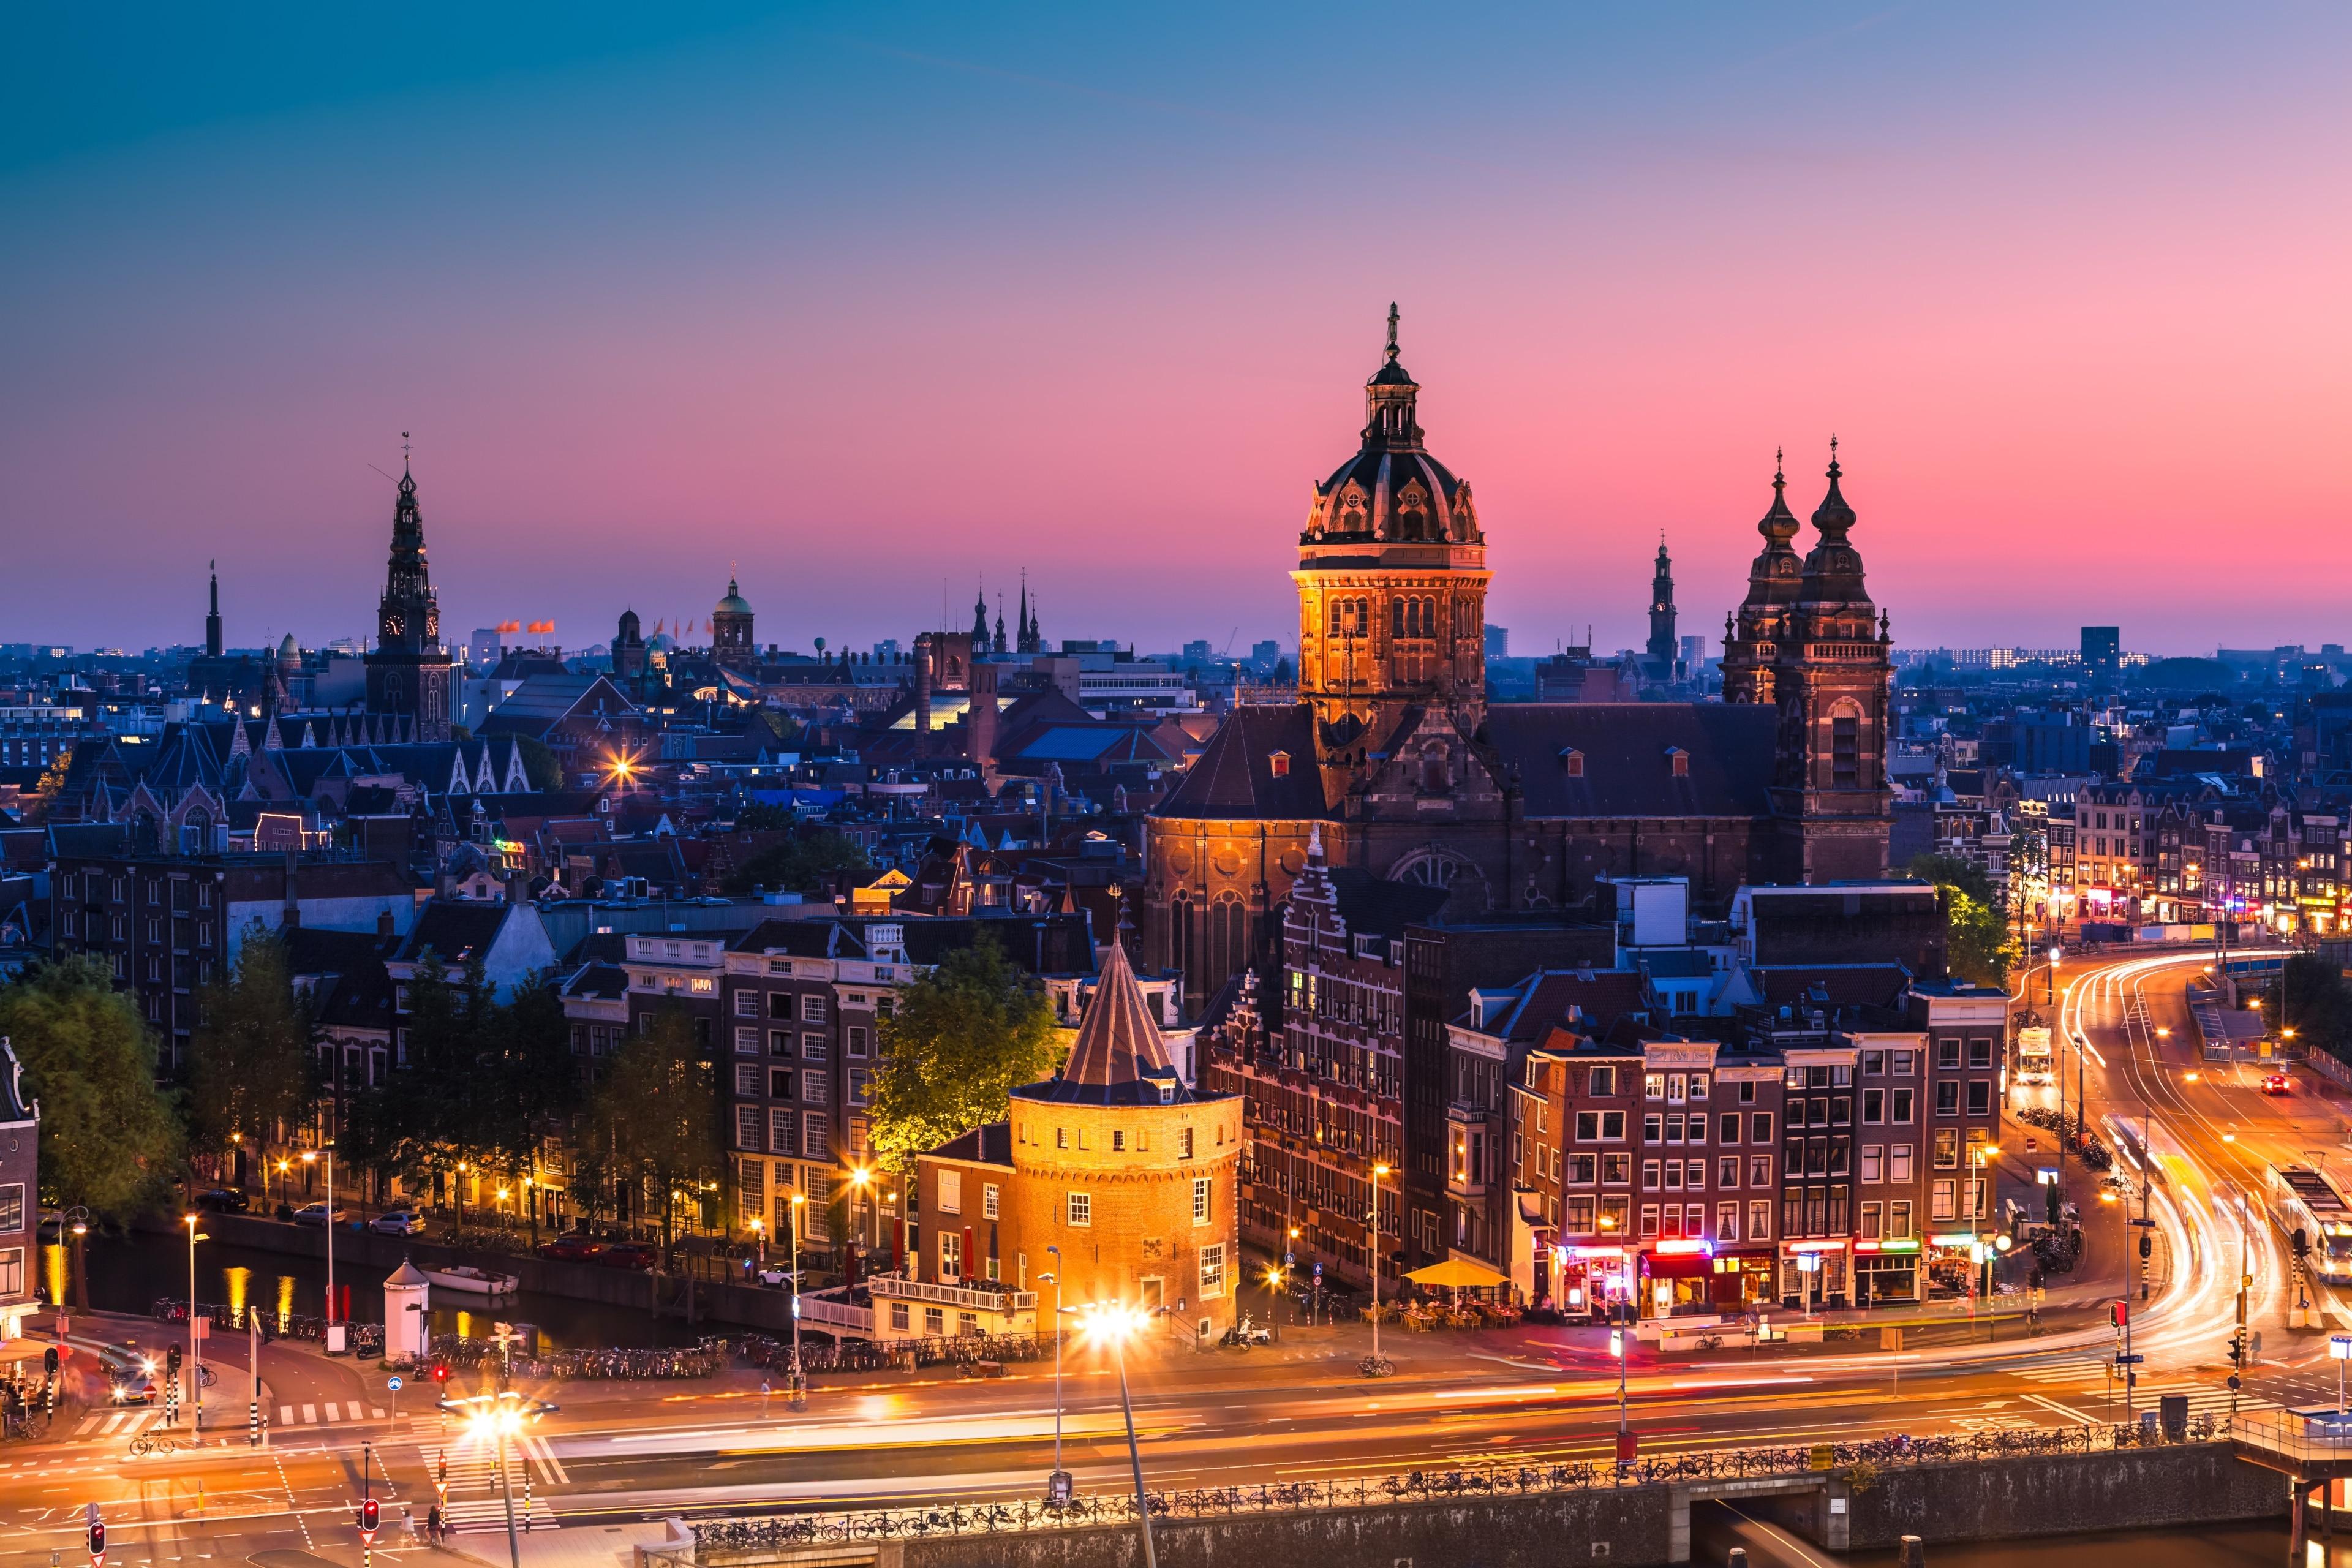 Nieuw-West, Amsterdam, North Holland, Netherlands